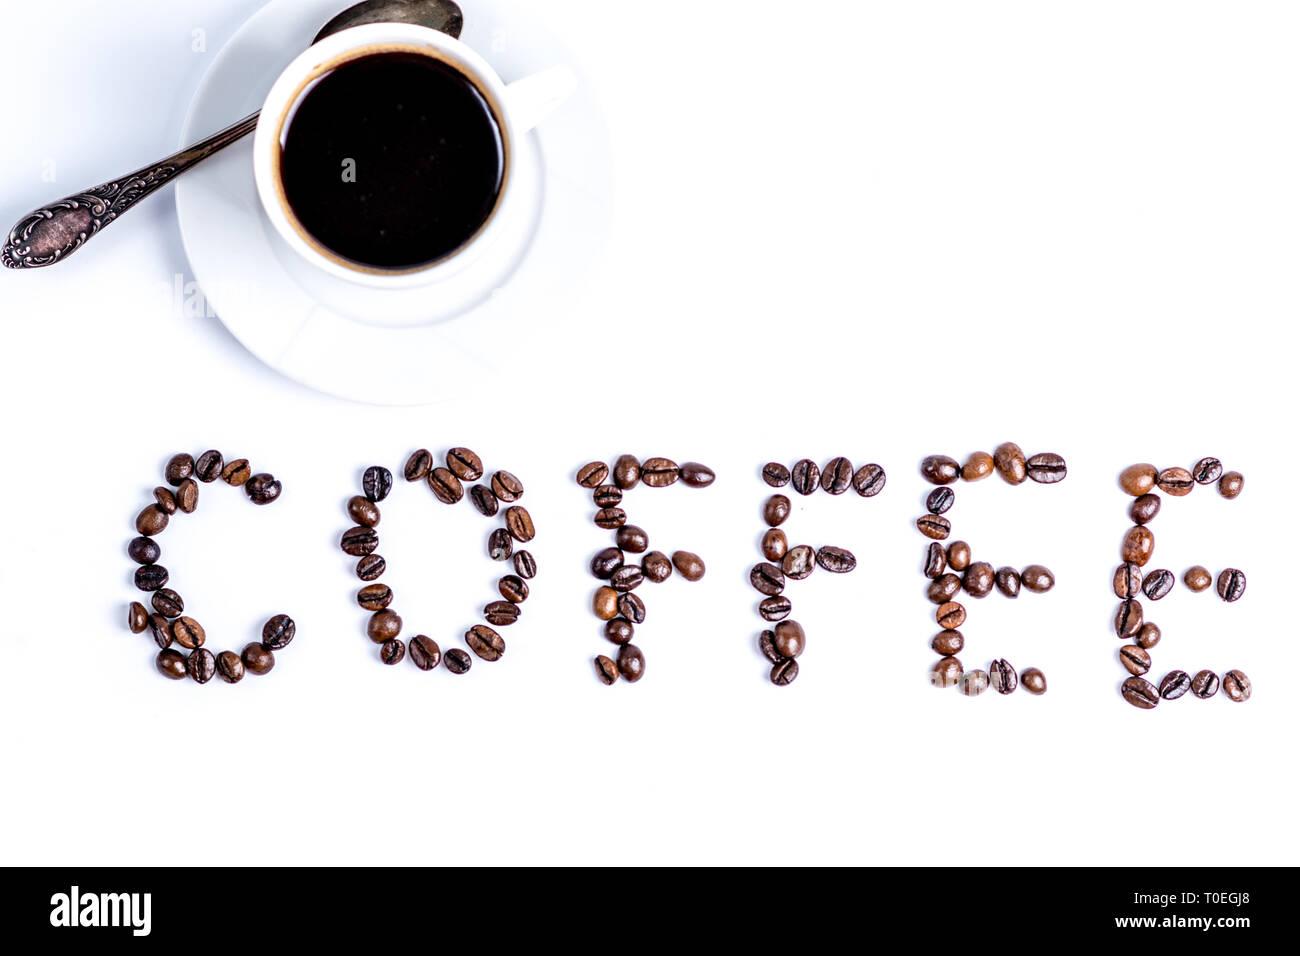 Kaffee datiert perth